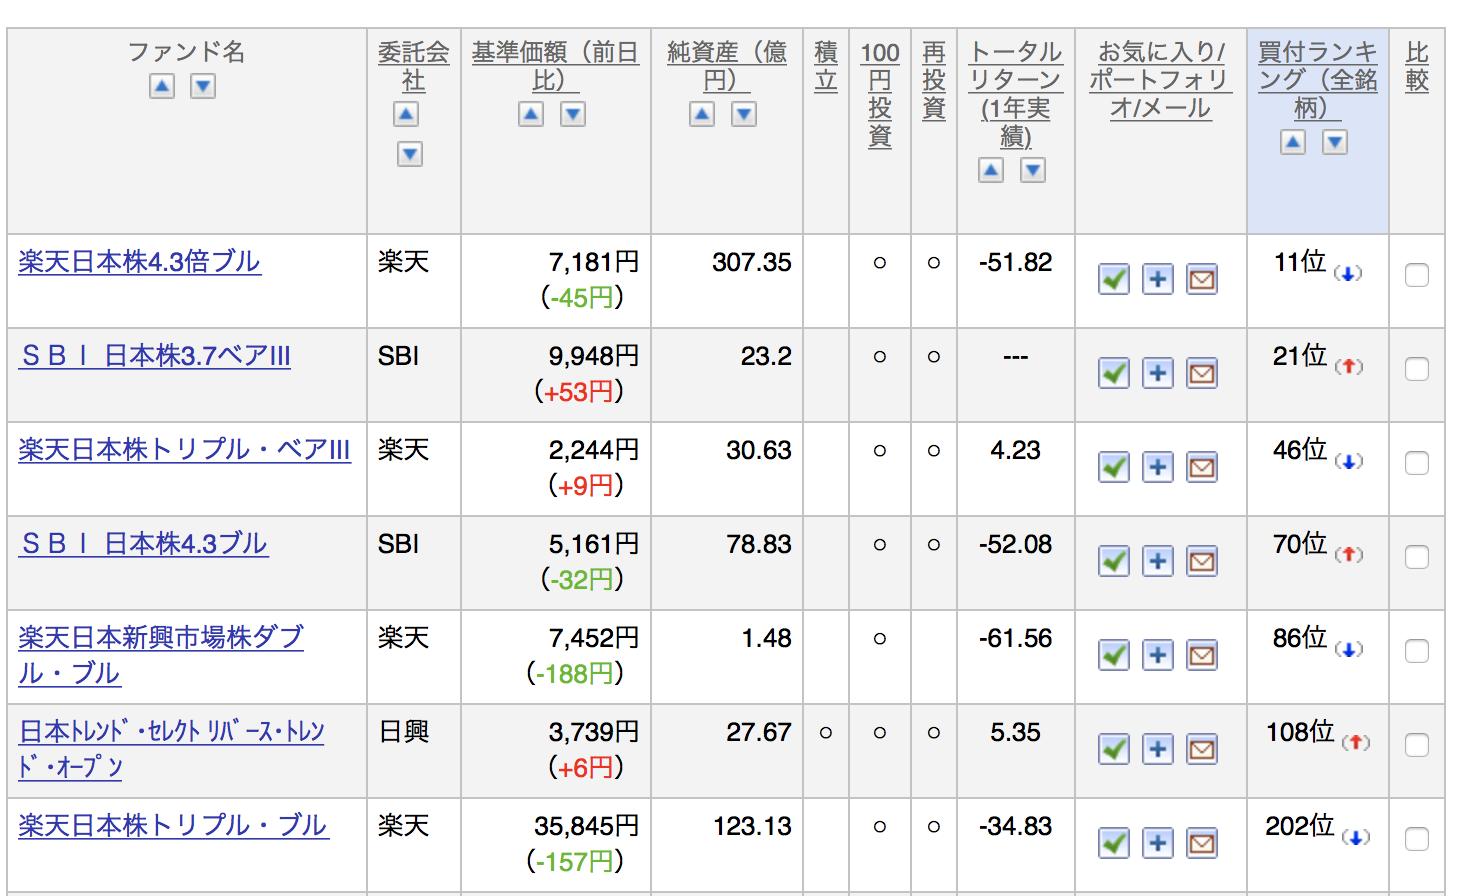 楽天証券で取り扱いがあるレバレッジ型投資信託の販売数上位